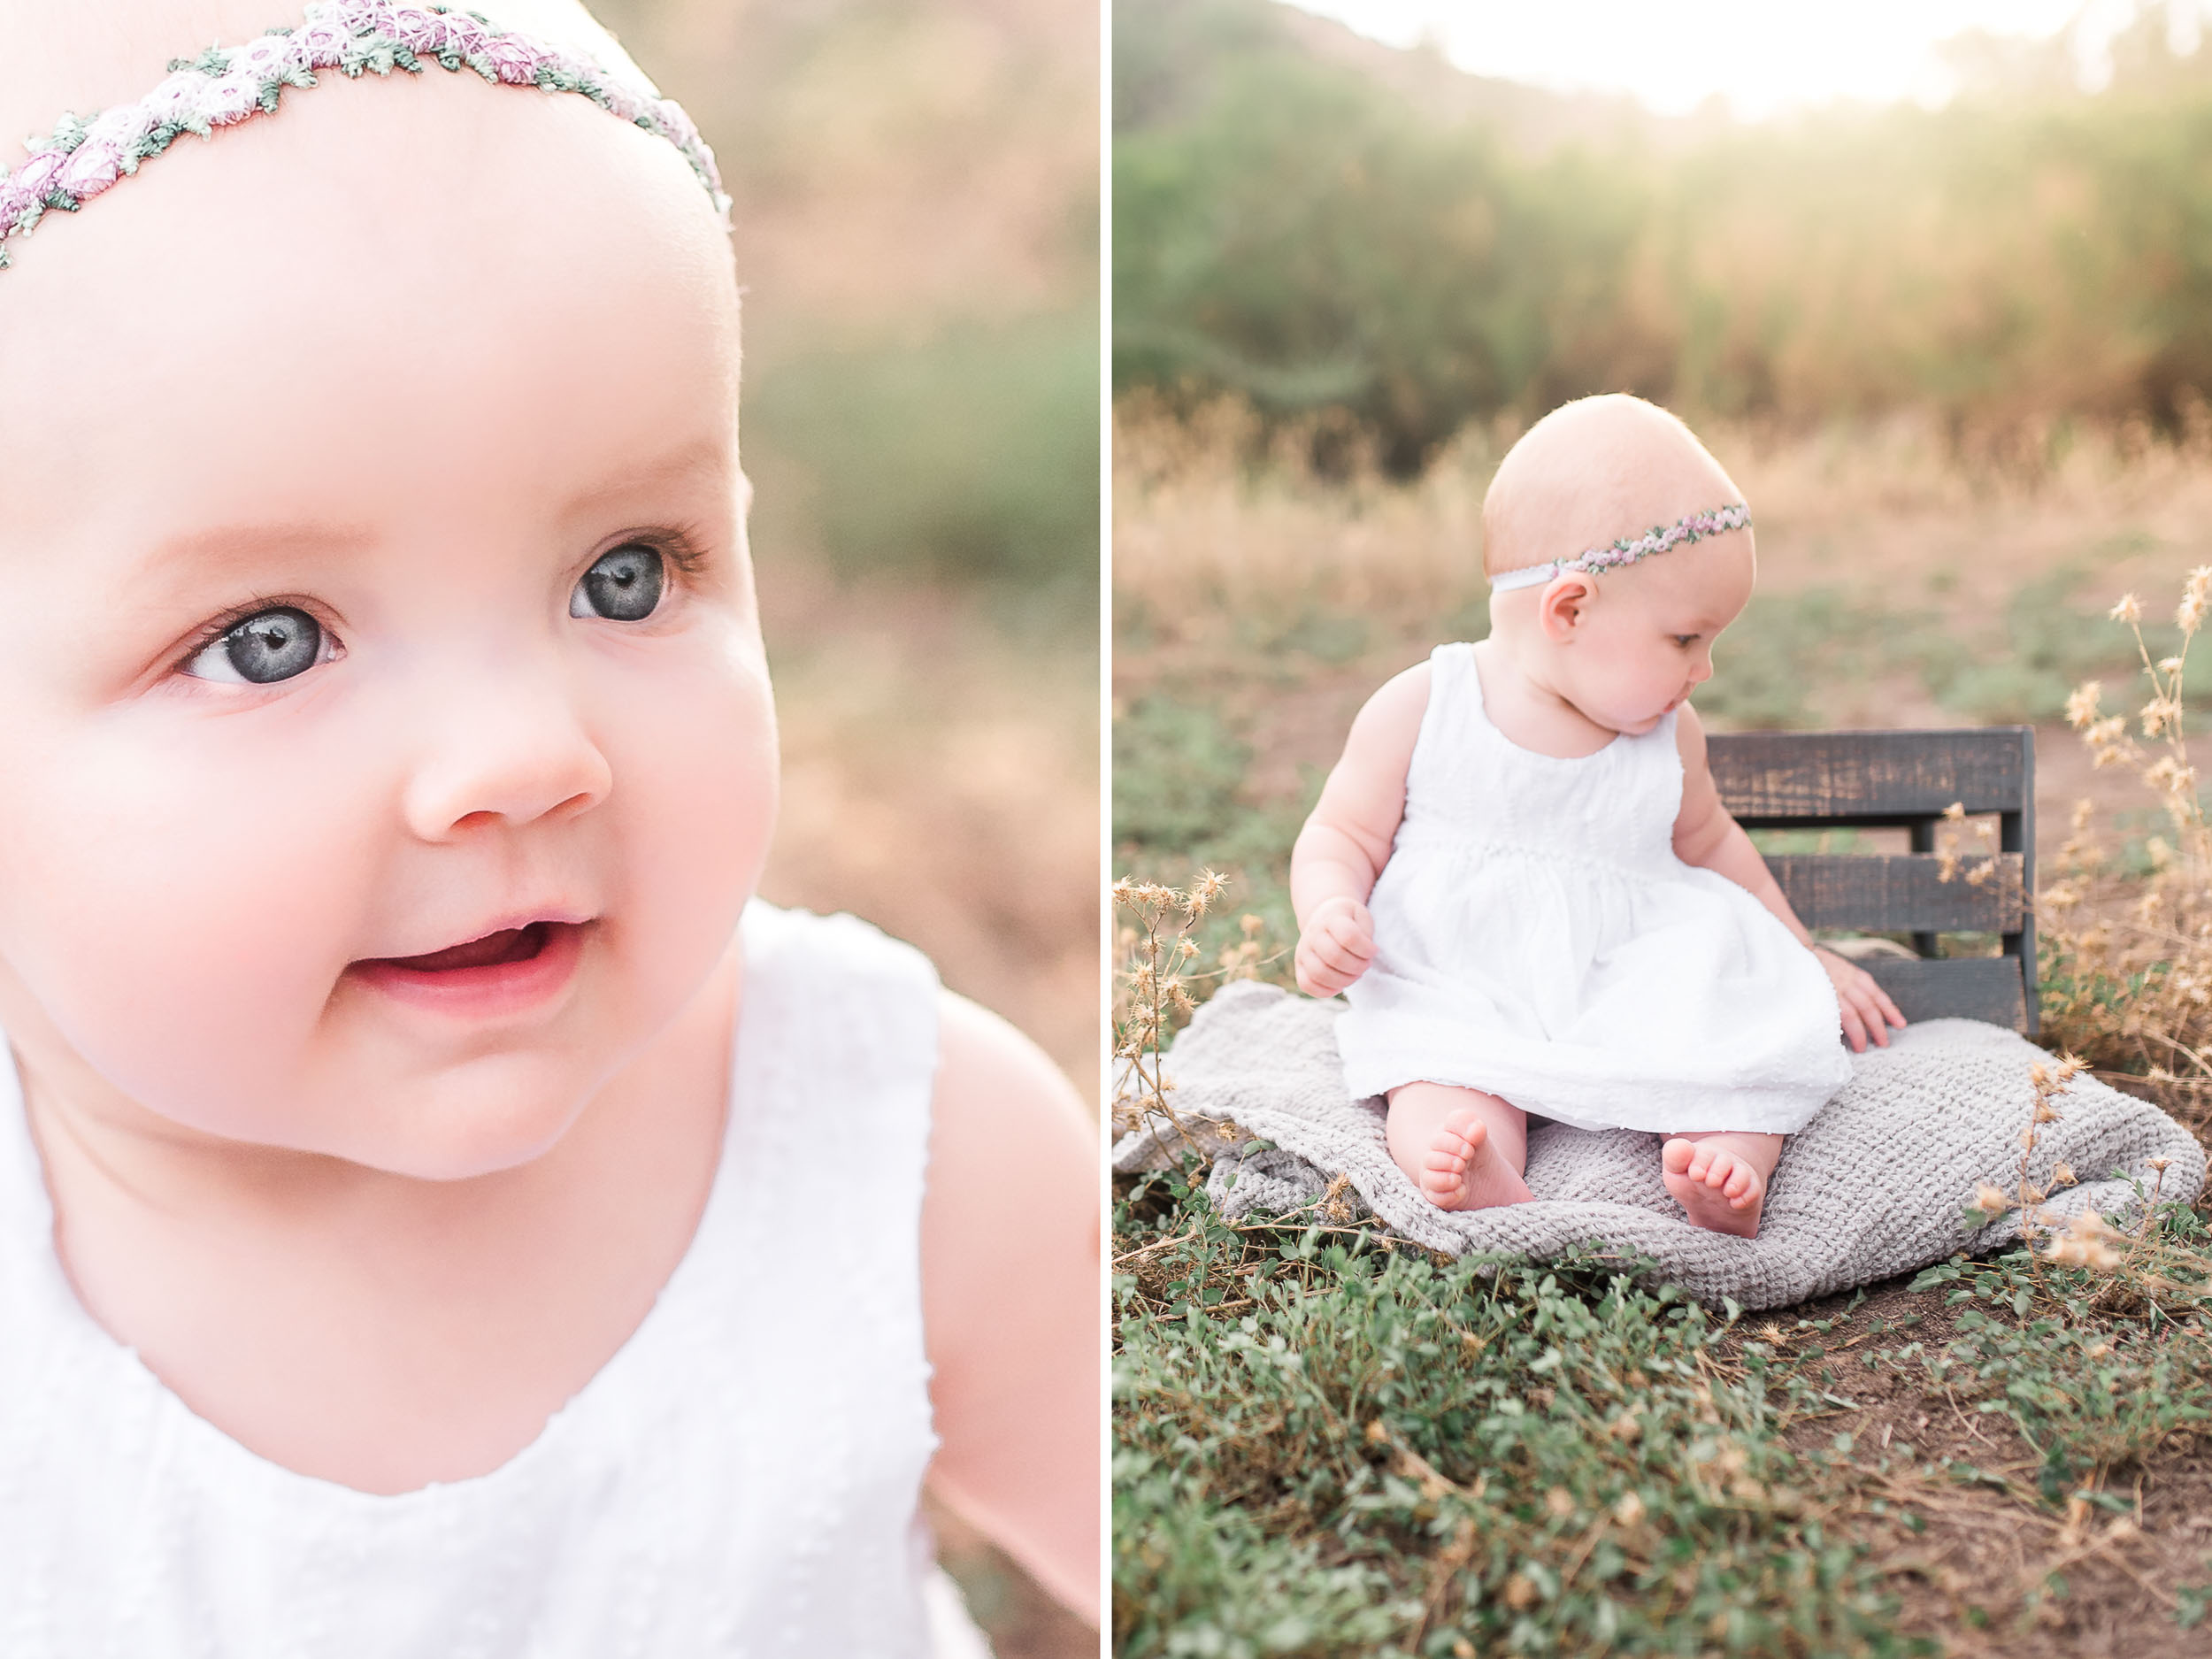 RachaelLaynePhotography_AZfamilyphotographer01-2.jpg